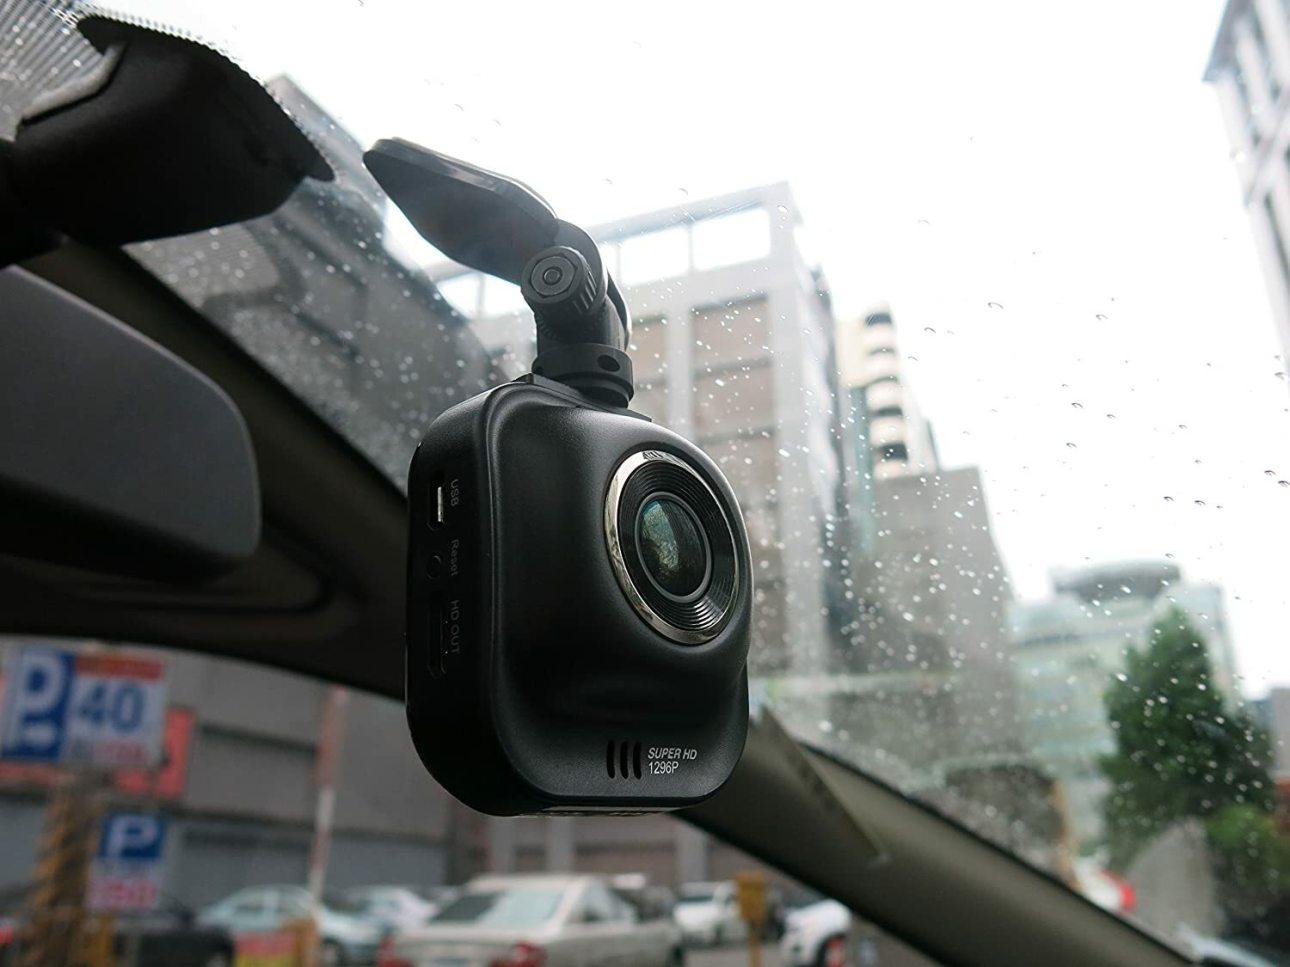 Видеорегистратор Papago GoSafe 535 прикреплен к лобовому стеклу